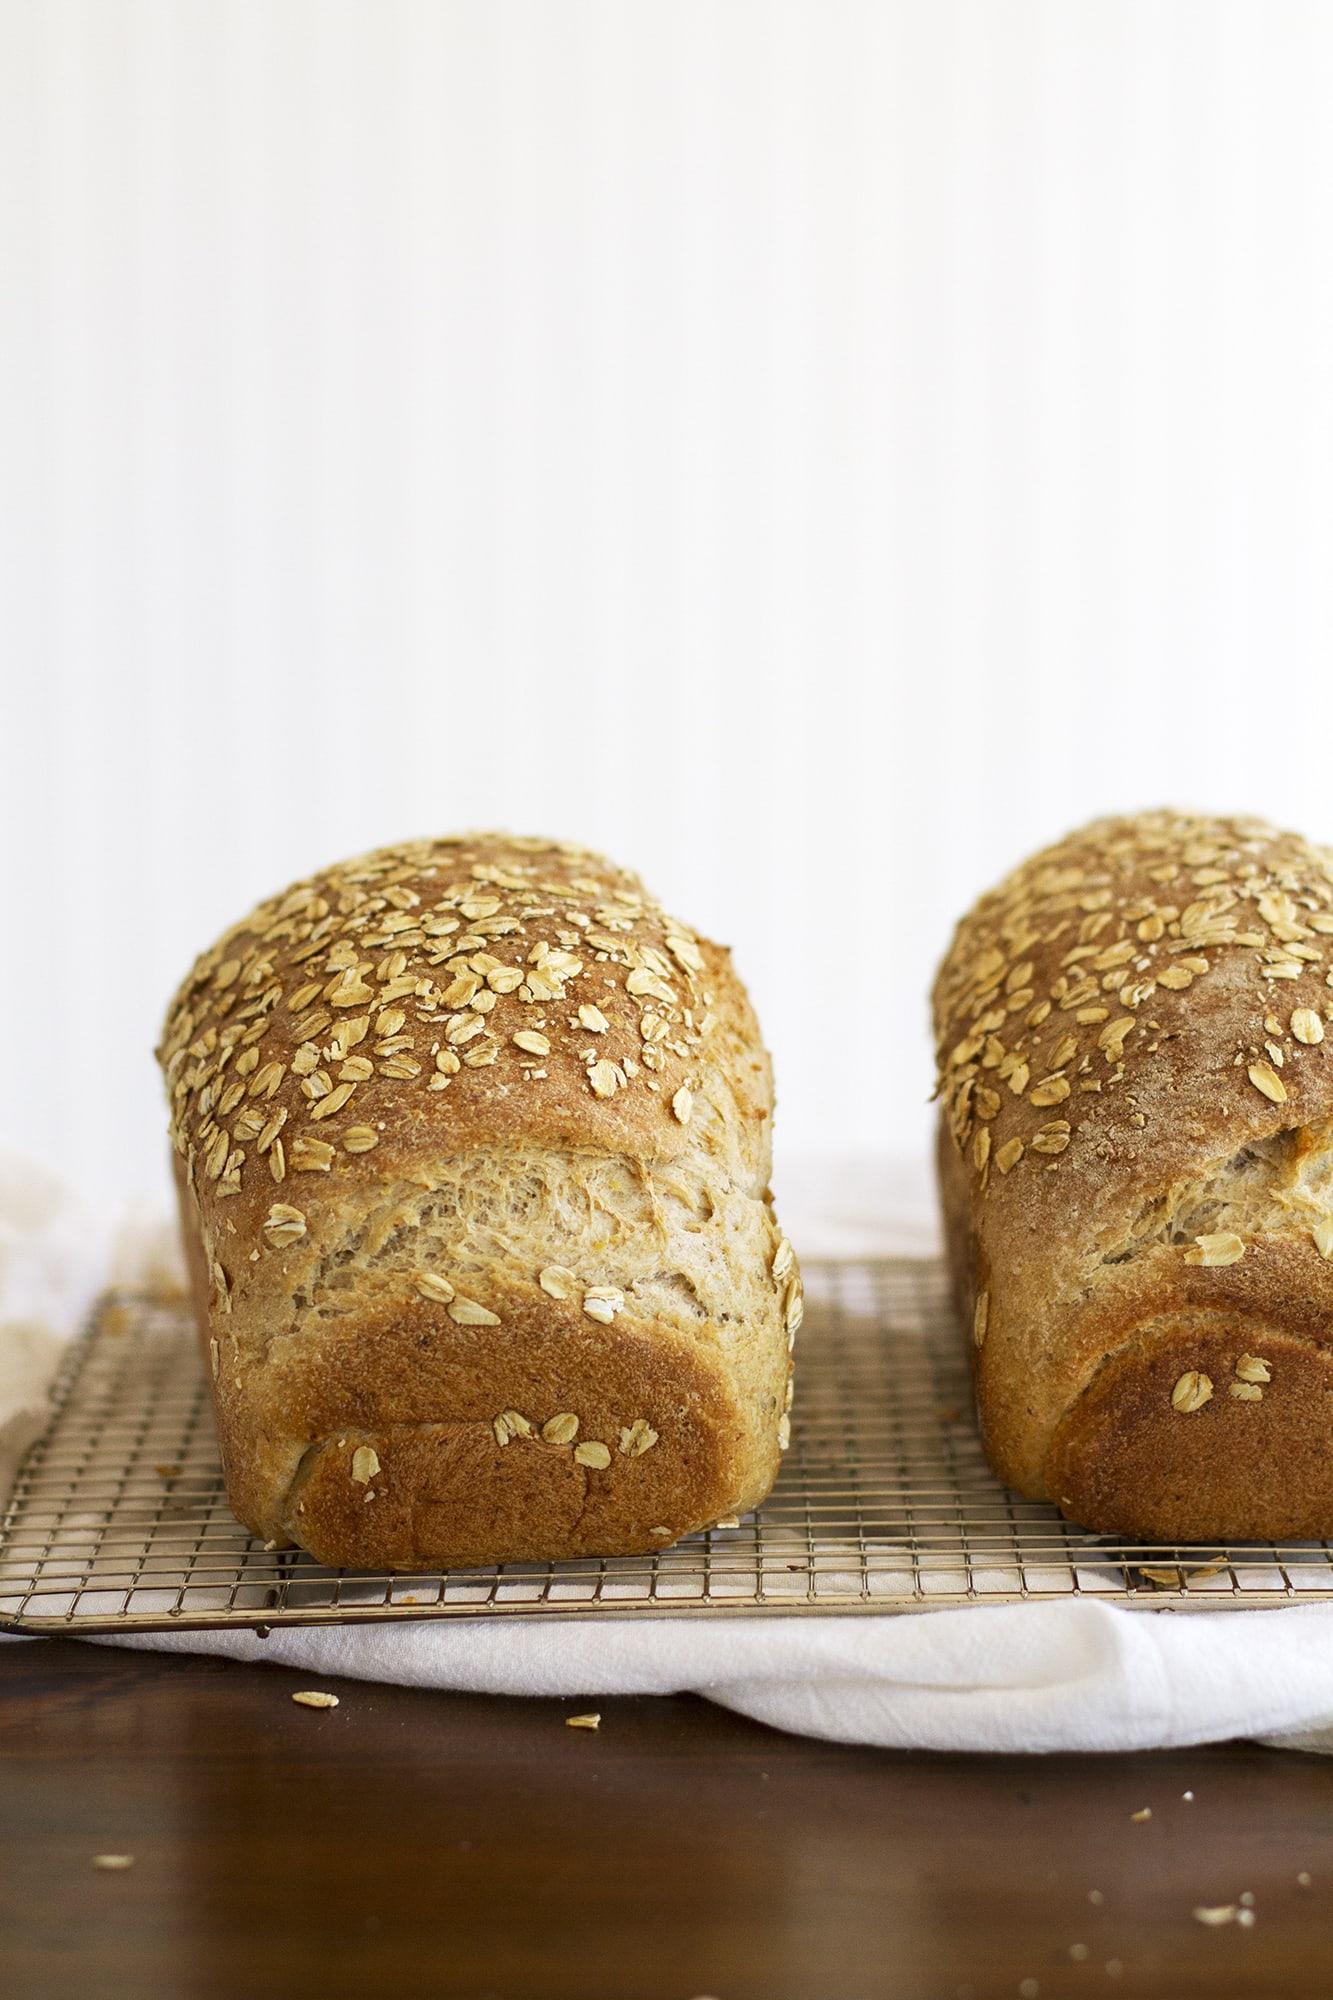 two loaves of multigrain sandwich bread